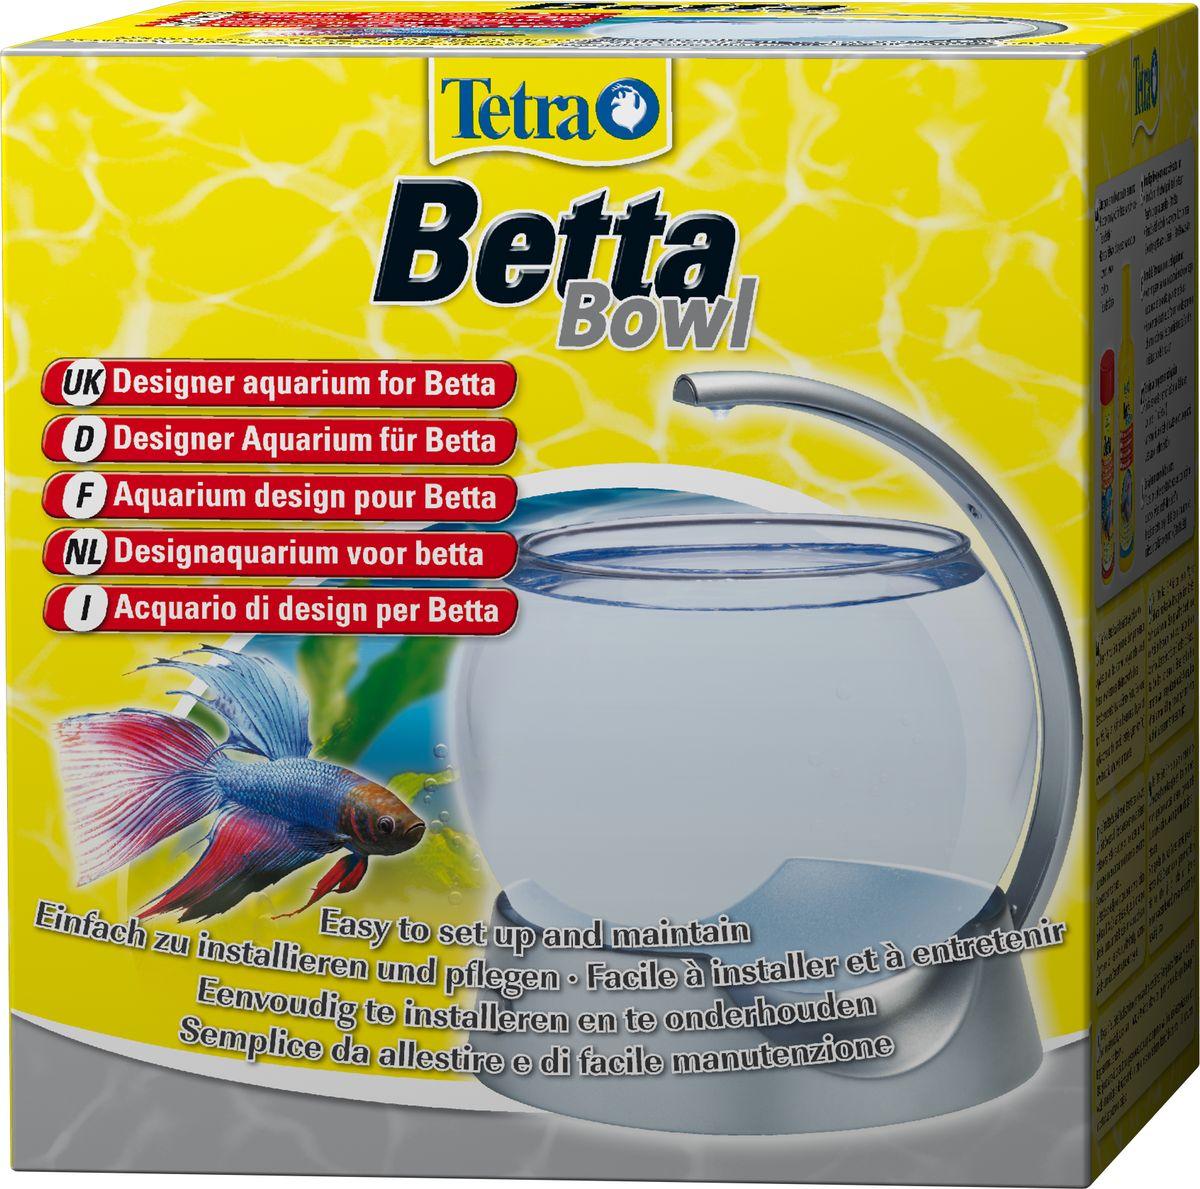 """Аквариум-шар для петушков Tetra """"Betta Bowl"""" с освещением, 1,8 л"""